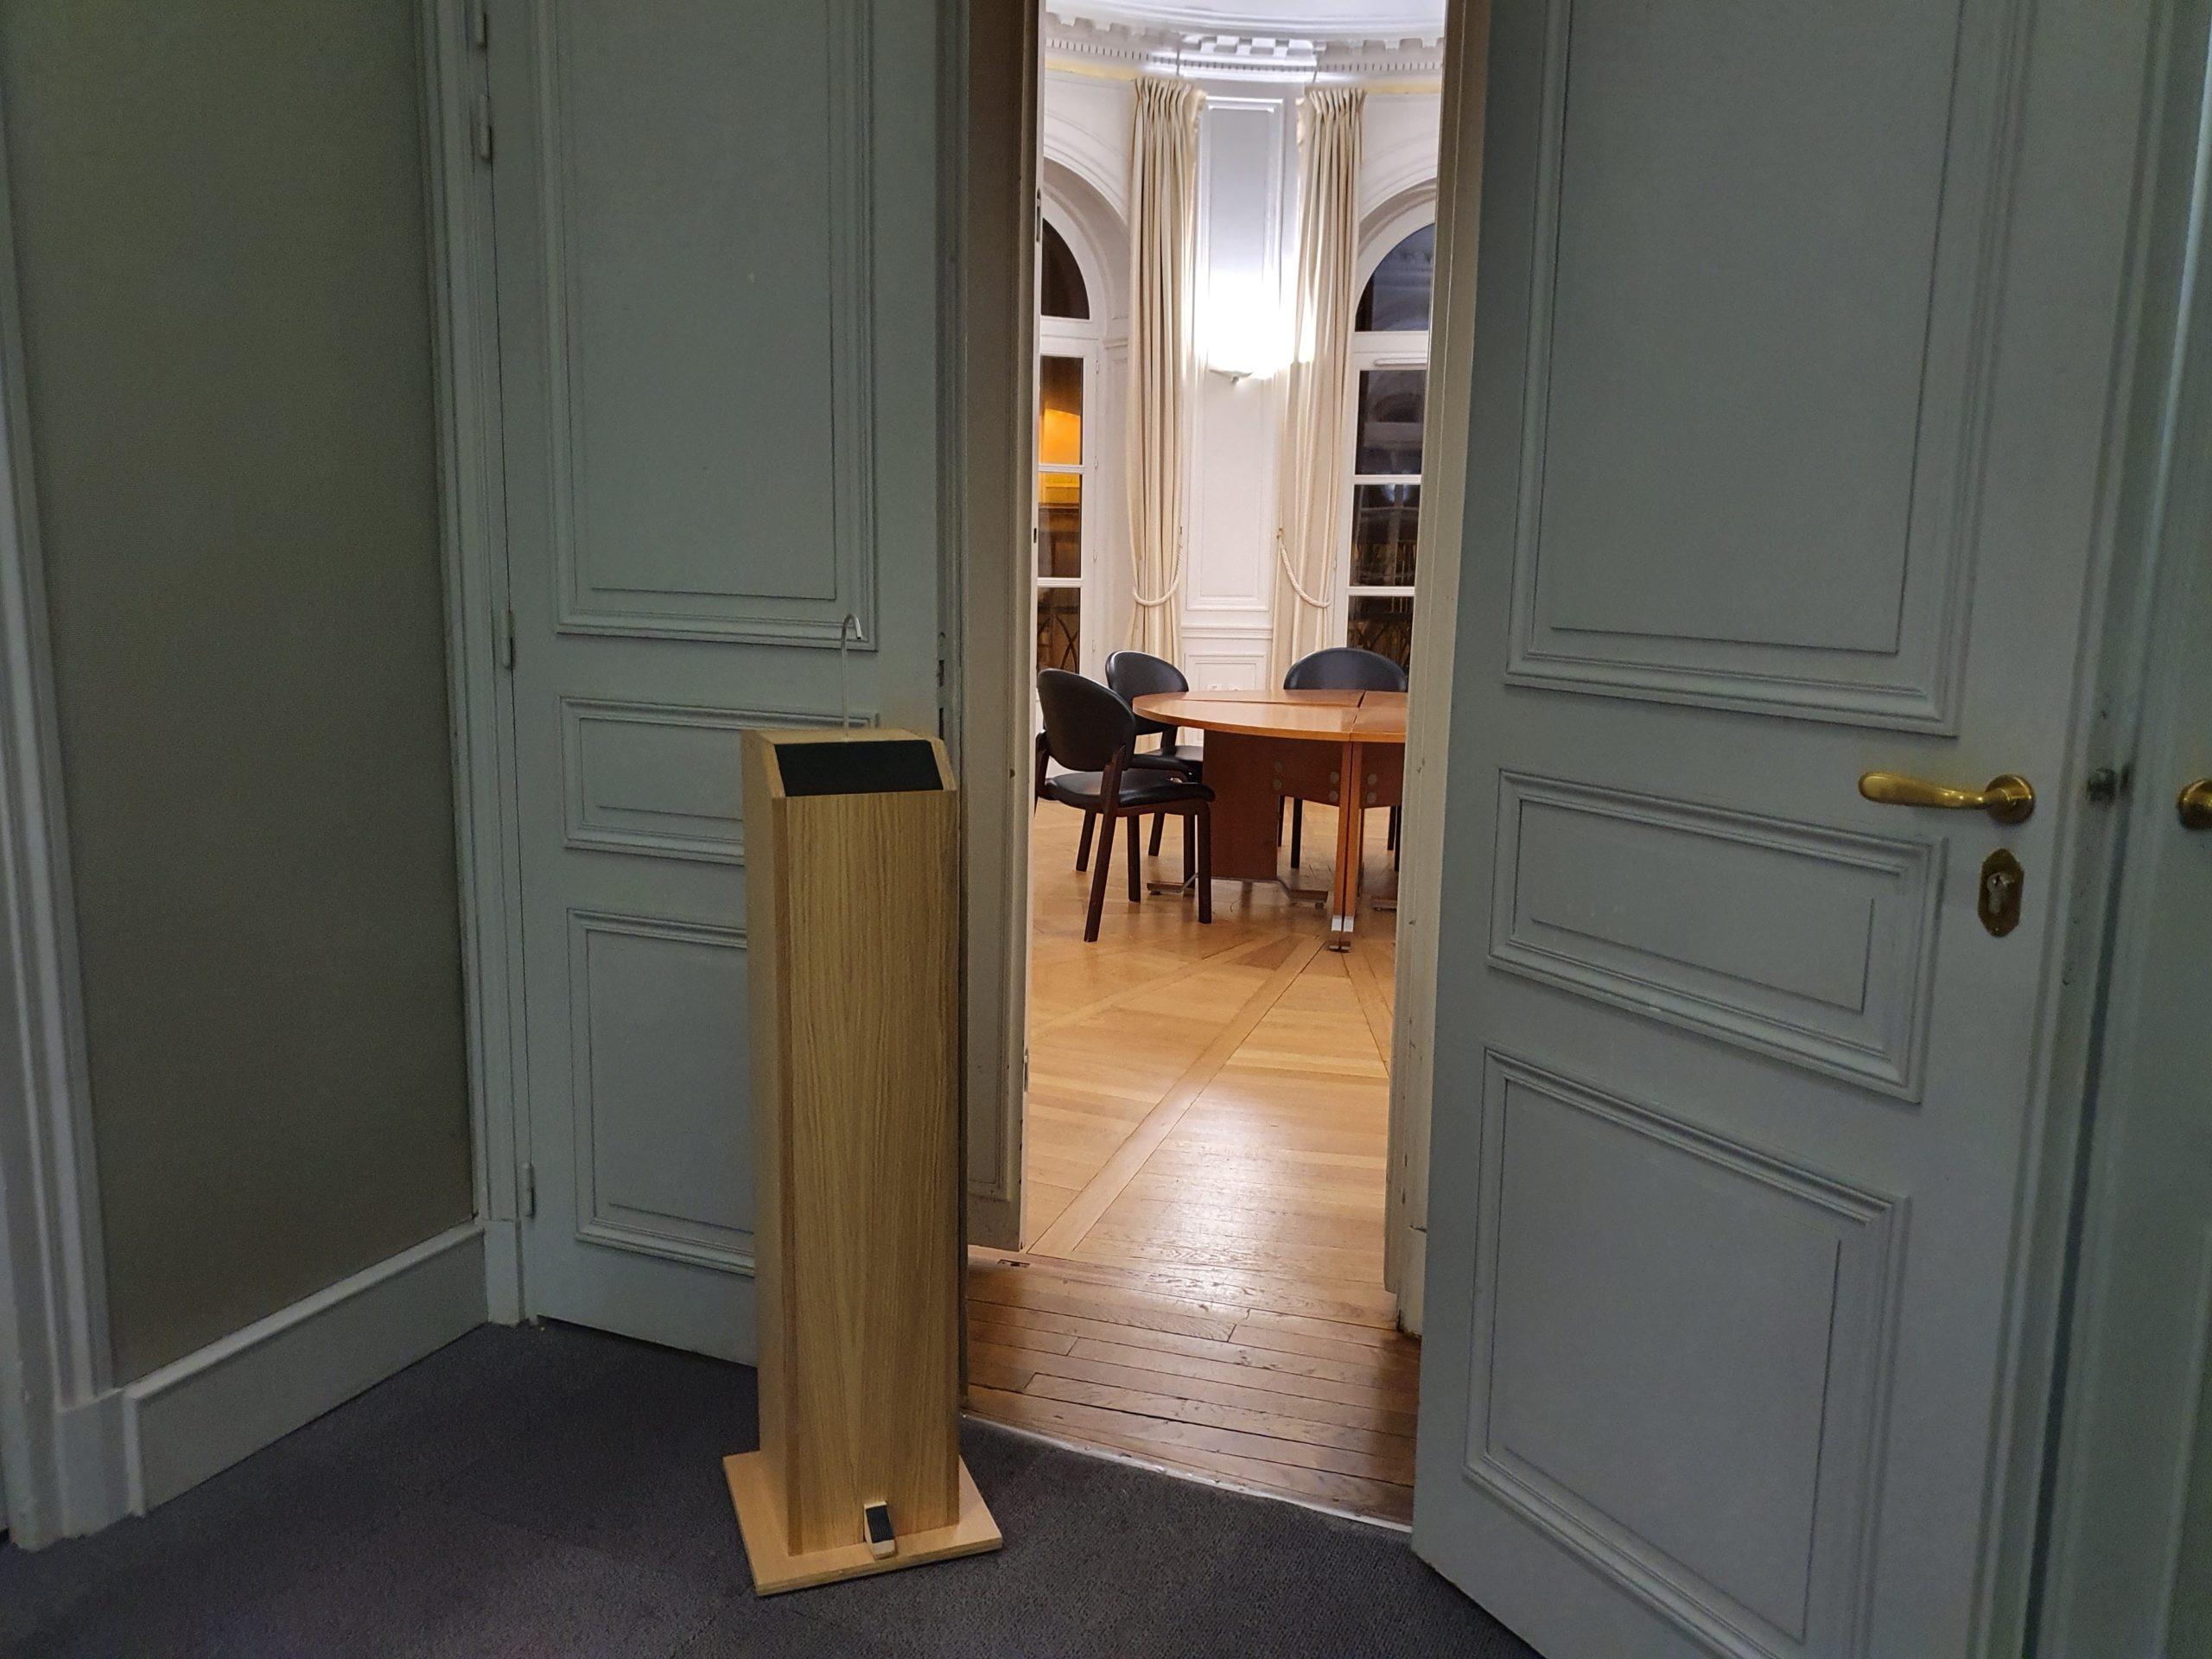 Gégé distributeur totem de gel hydroalcoolique en bois grande capacité 5L sans contact et autonome entrée salle de réunion